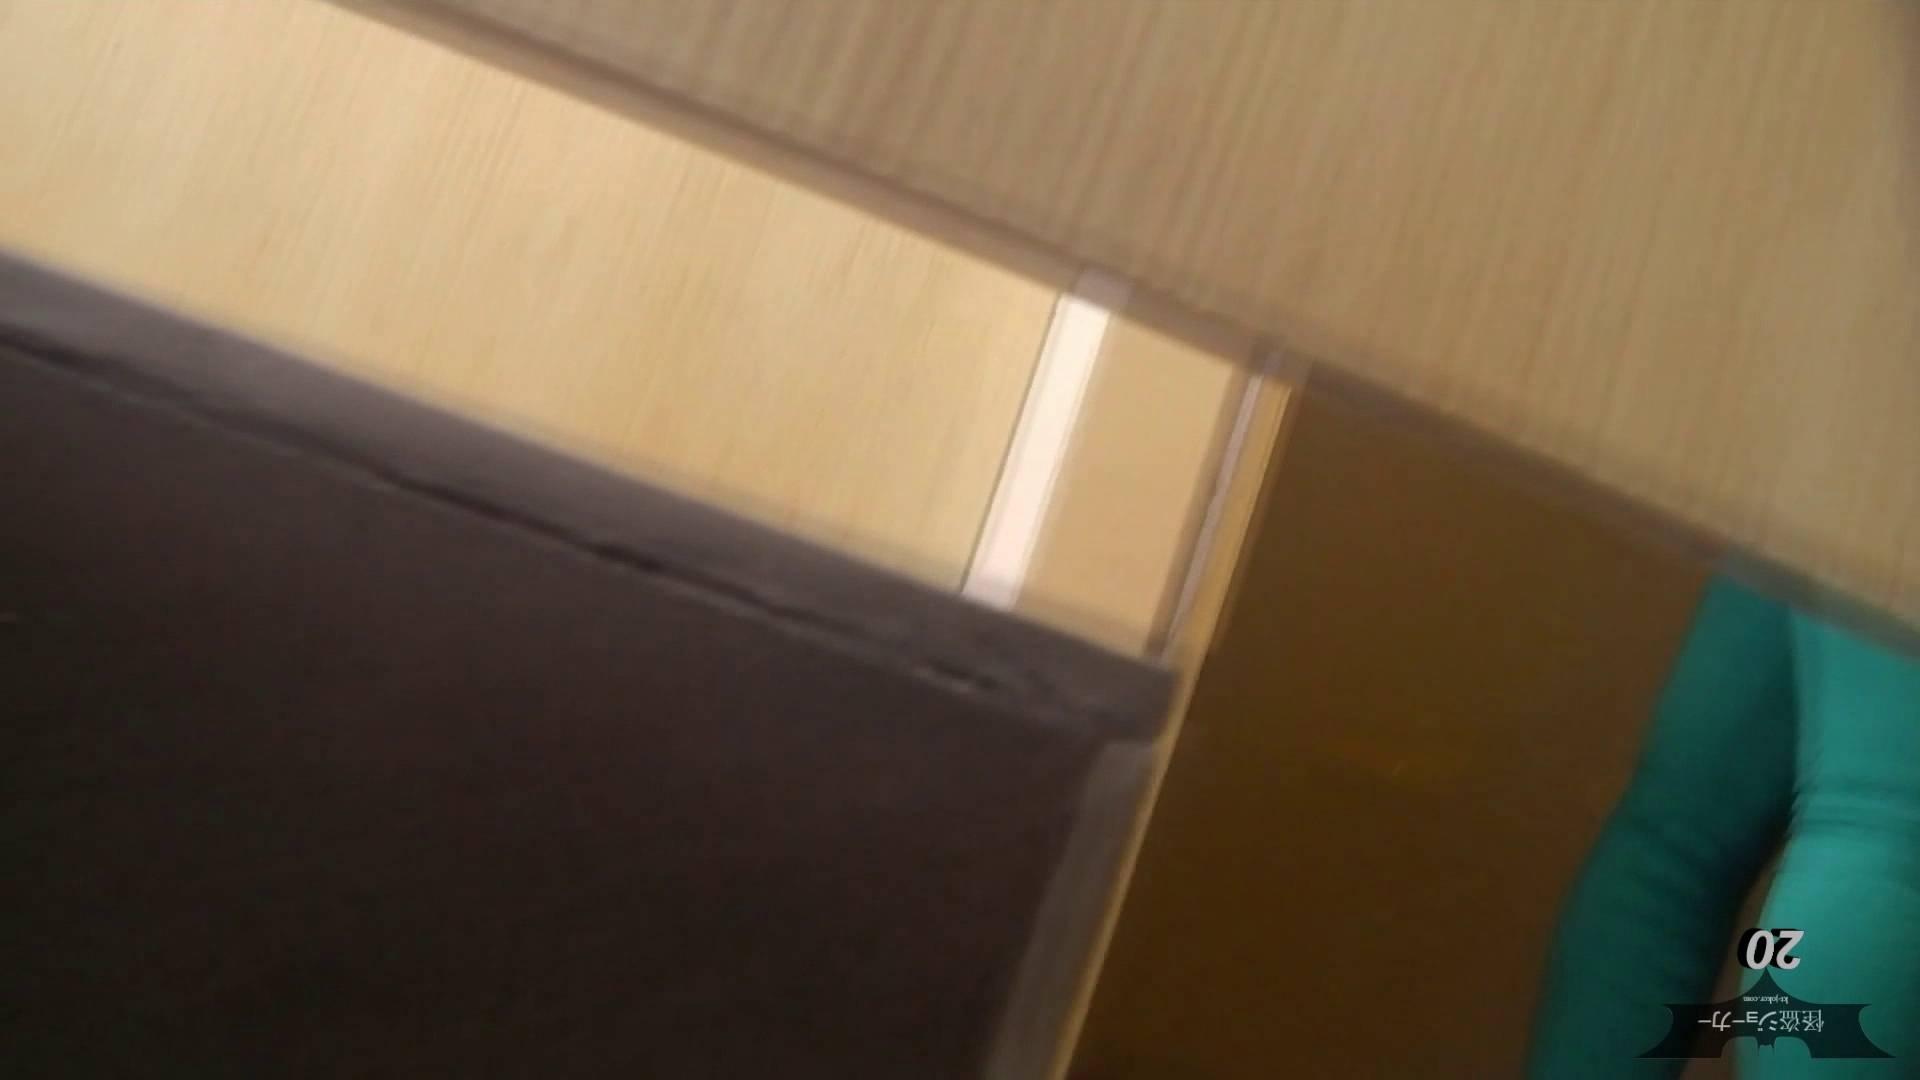 阿国ちゃんの「和式洋式七変化」 (NEW)20 噂の一回で二度オイシイ「W録」! 洗面所 | 和式  106枚 15